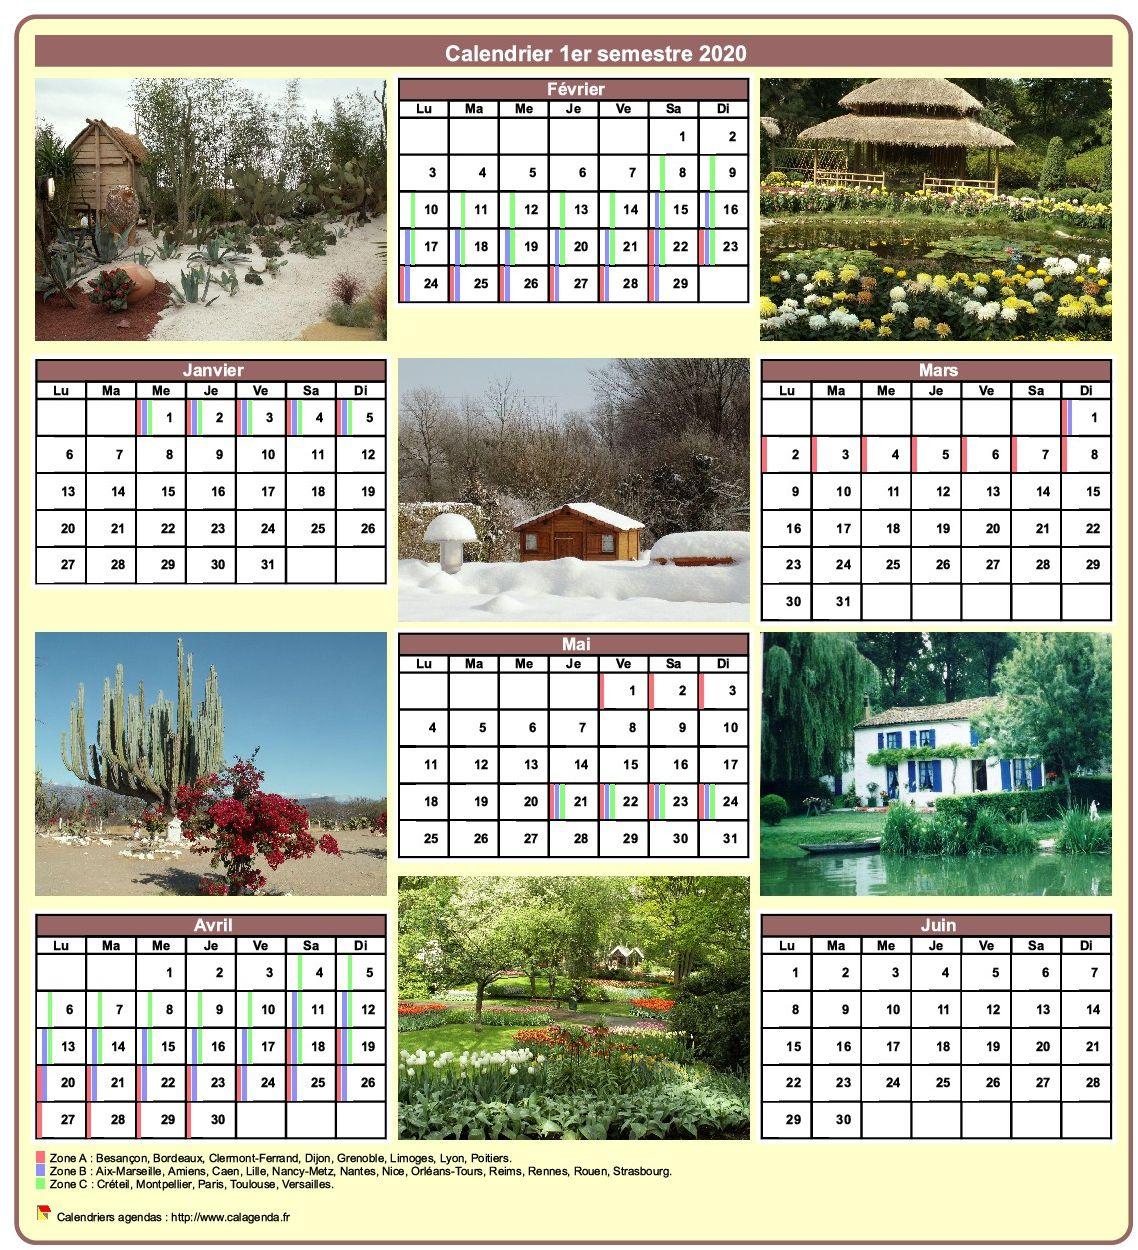 Calendrier 2020 semestriel avec une photo différente chaque mois